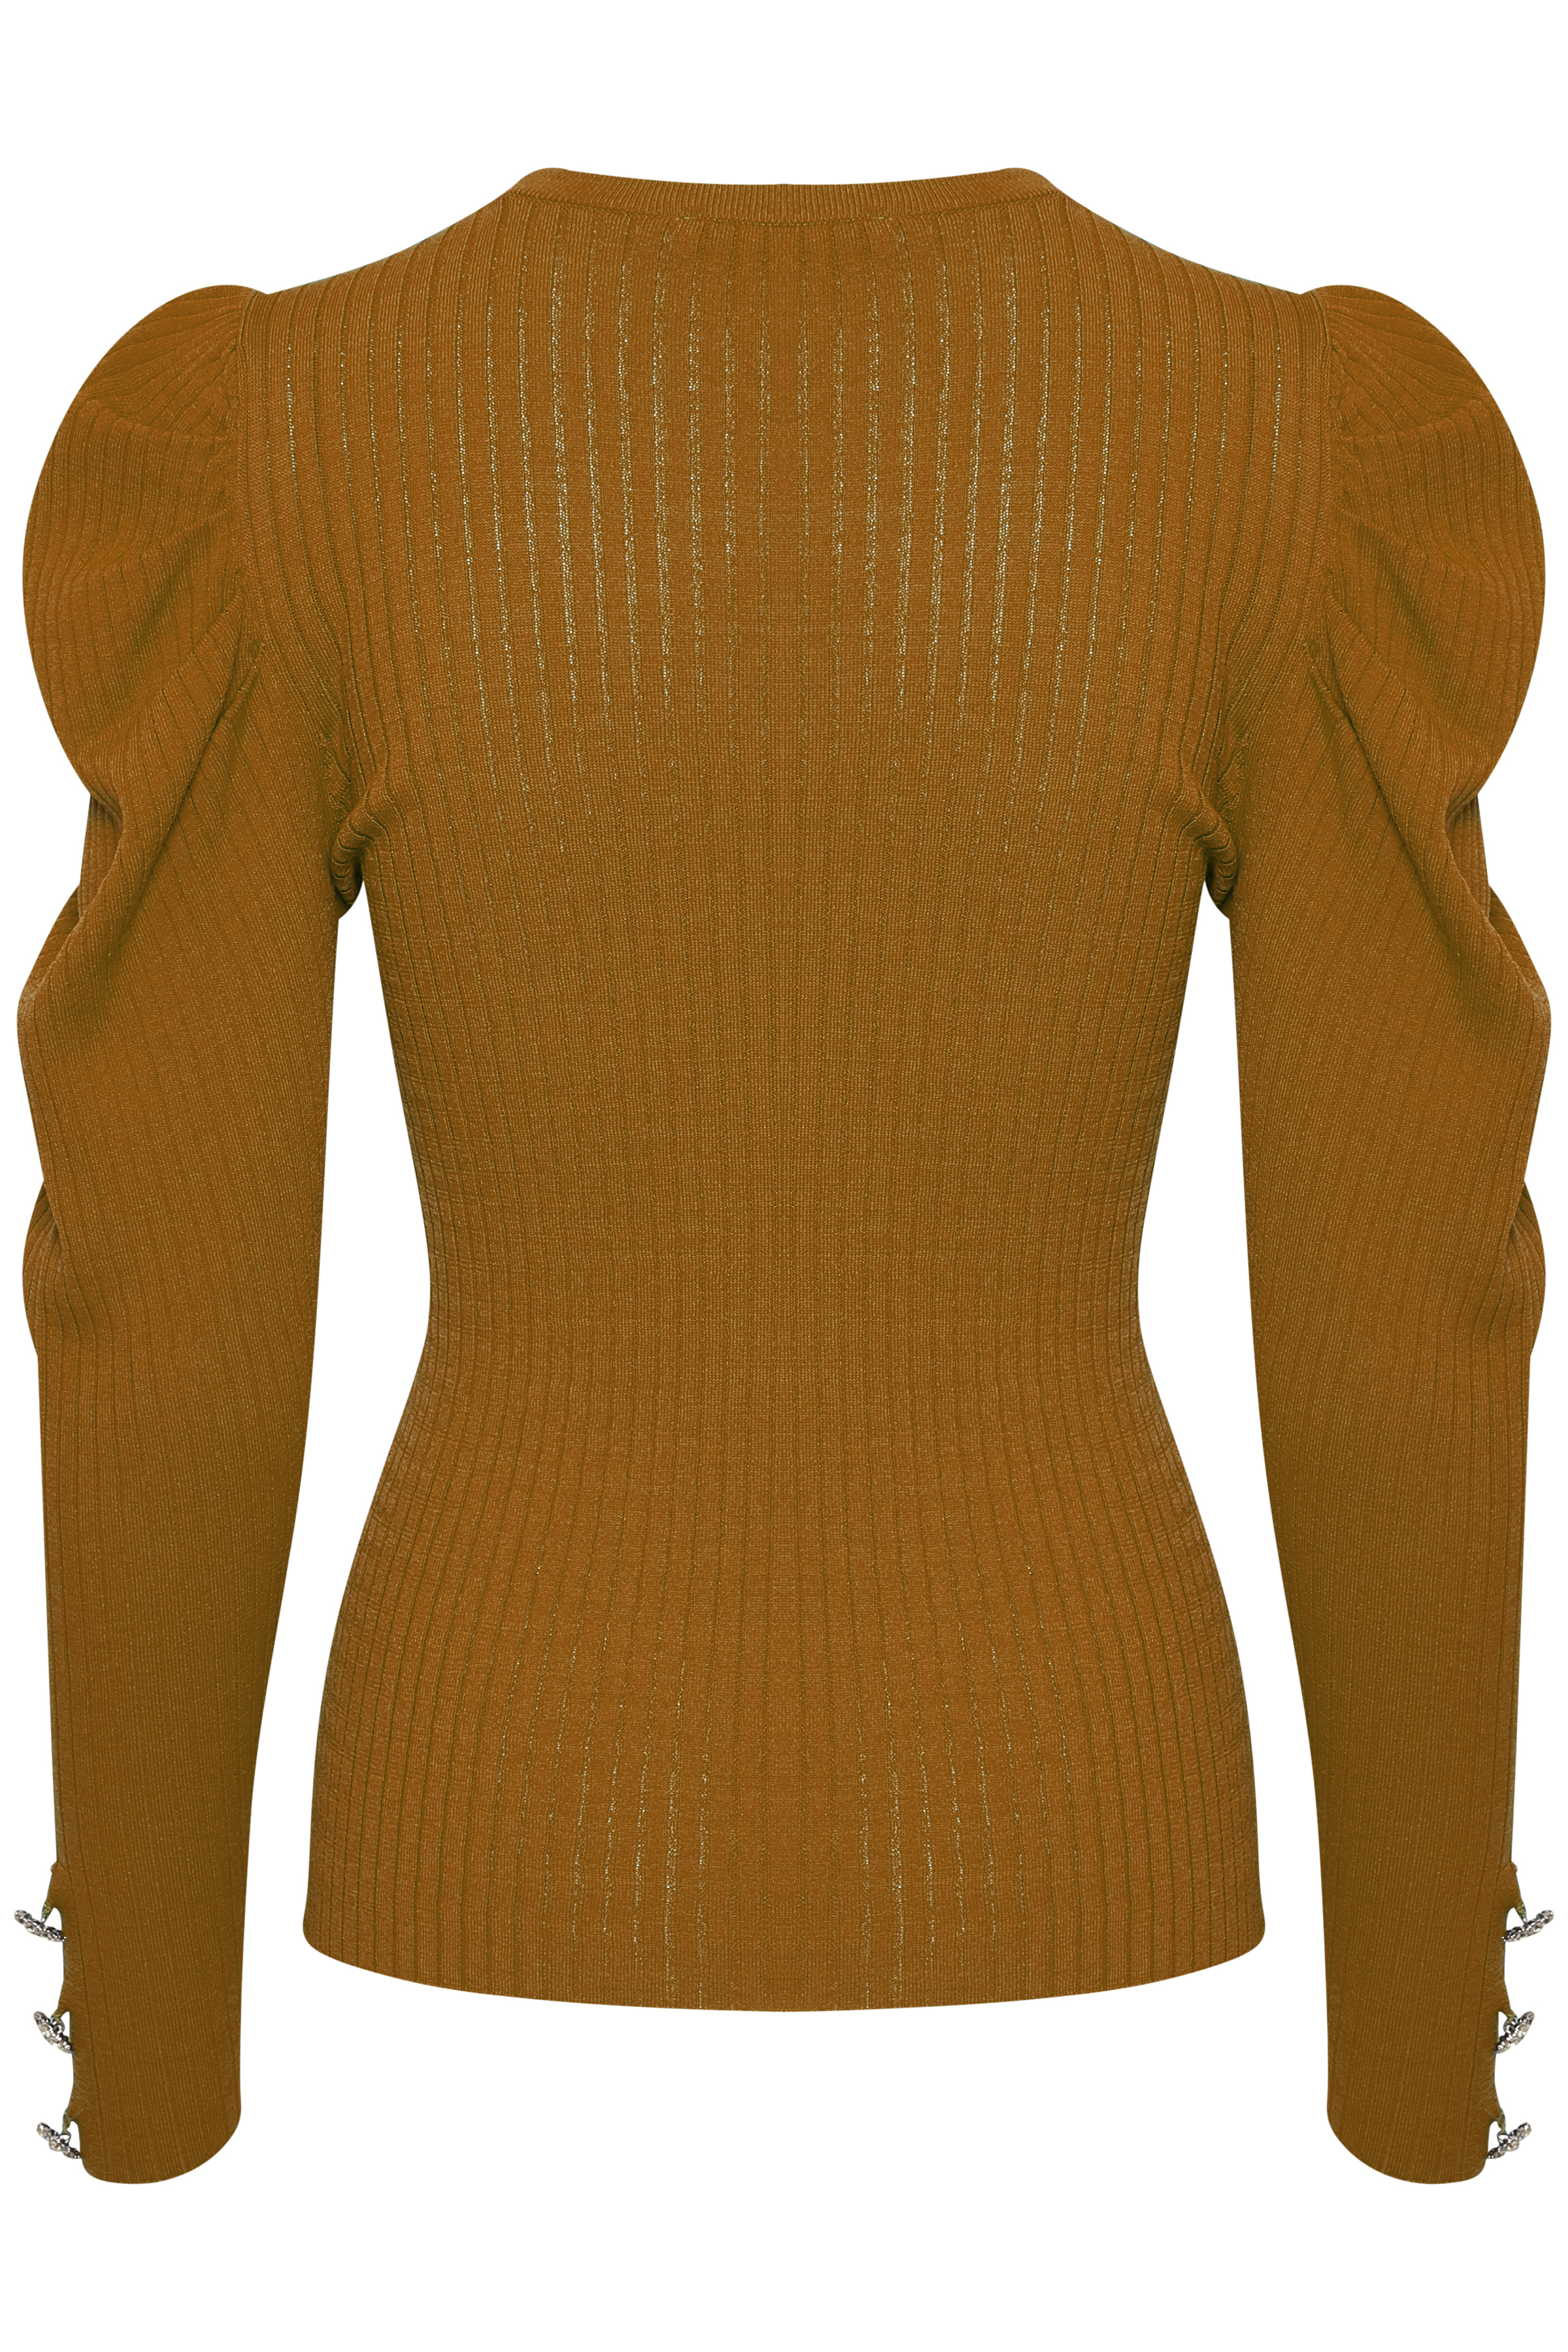 Gestuz PeneleGZ bluse, brown, large